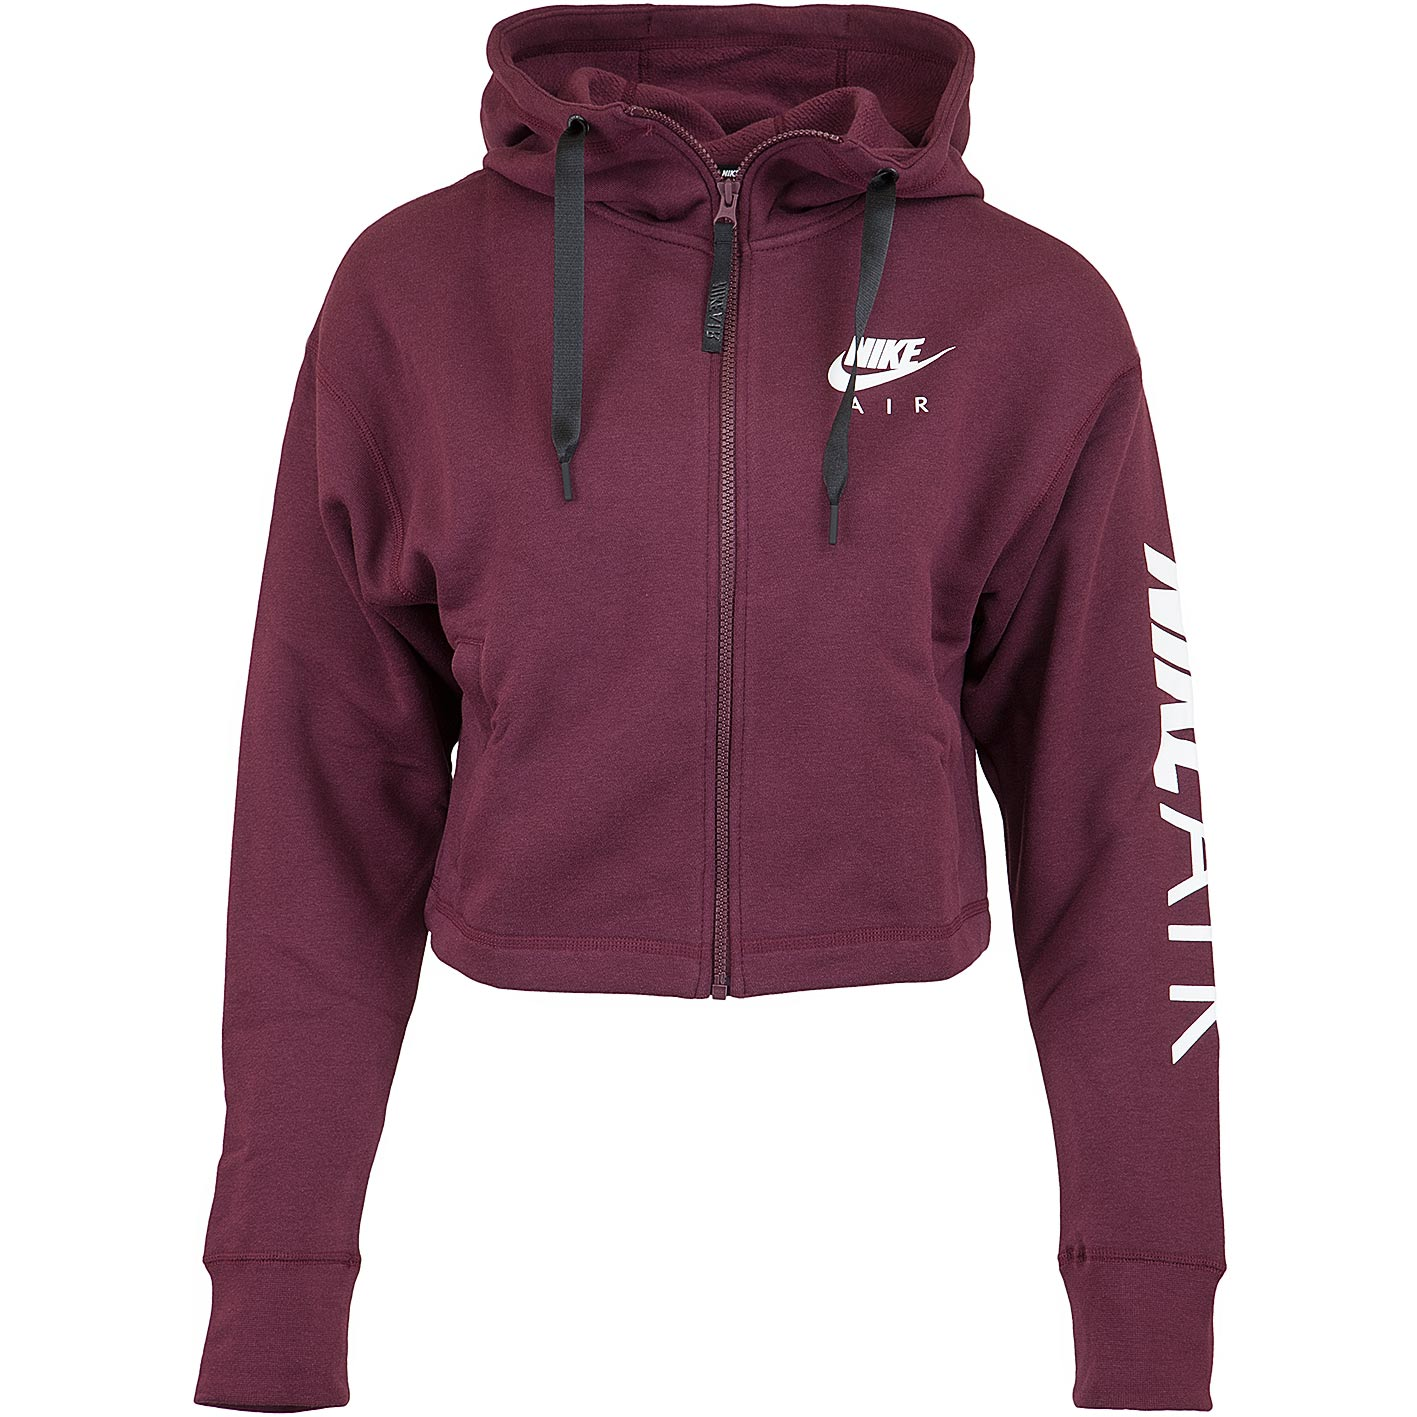 Nike Damen Zip Hoody Air Fleece maroonweiß